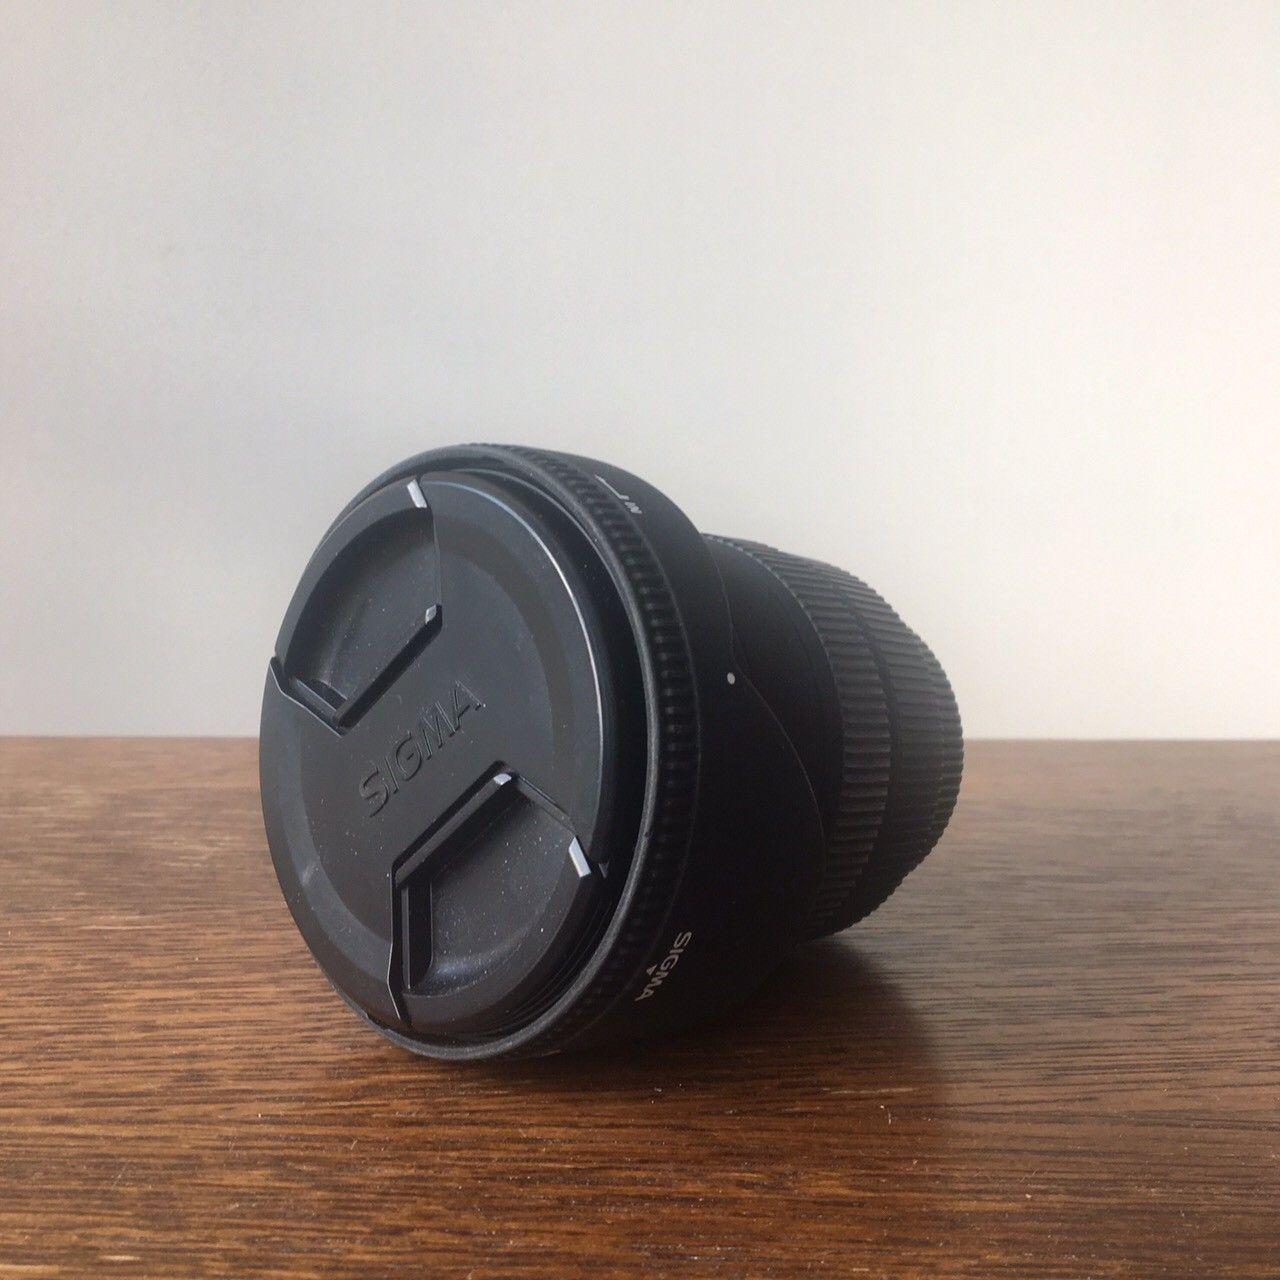 Kameralinse - Bergen  - Selger min vidvingelzoom for Pentax, Sigma 10-20mm, F 3.5 EF-S. Nesten ubrukt og helt strøken! Kommer med etui. Jeg sender, hvis kjøper betaler frakt! :) Nypris ca 4400,- - Bergen